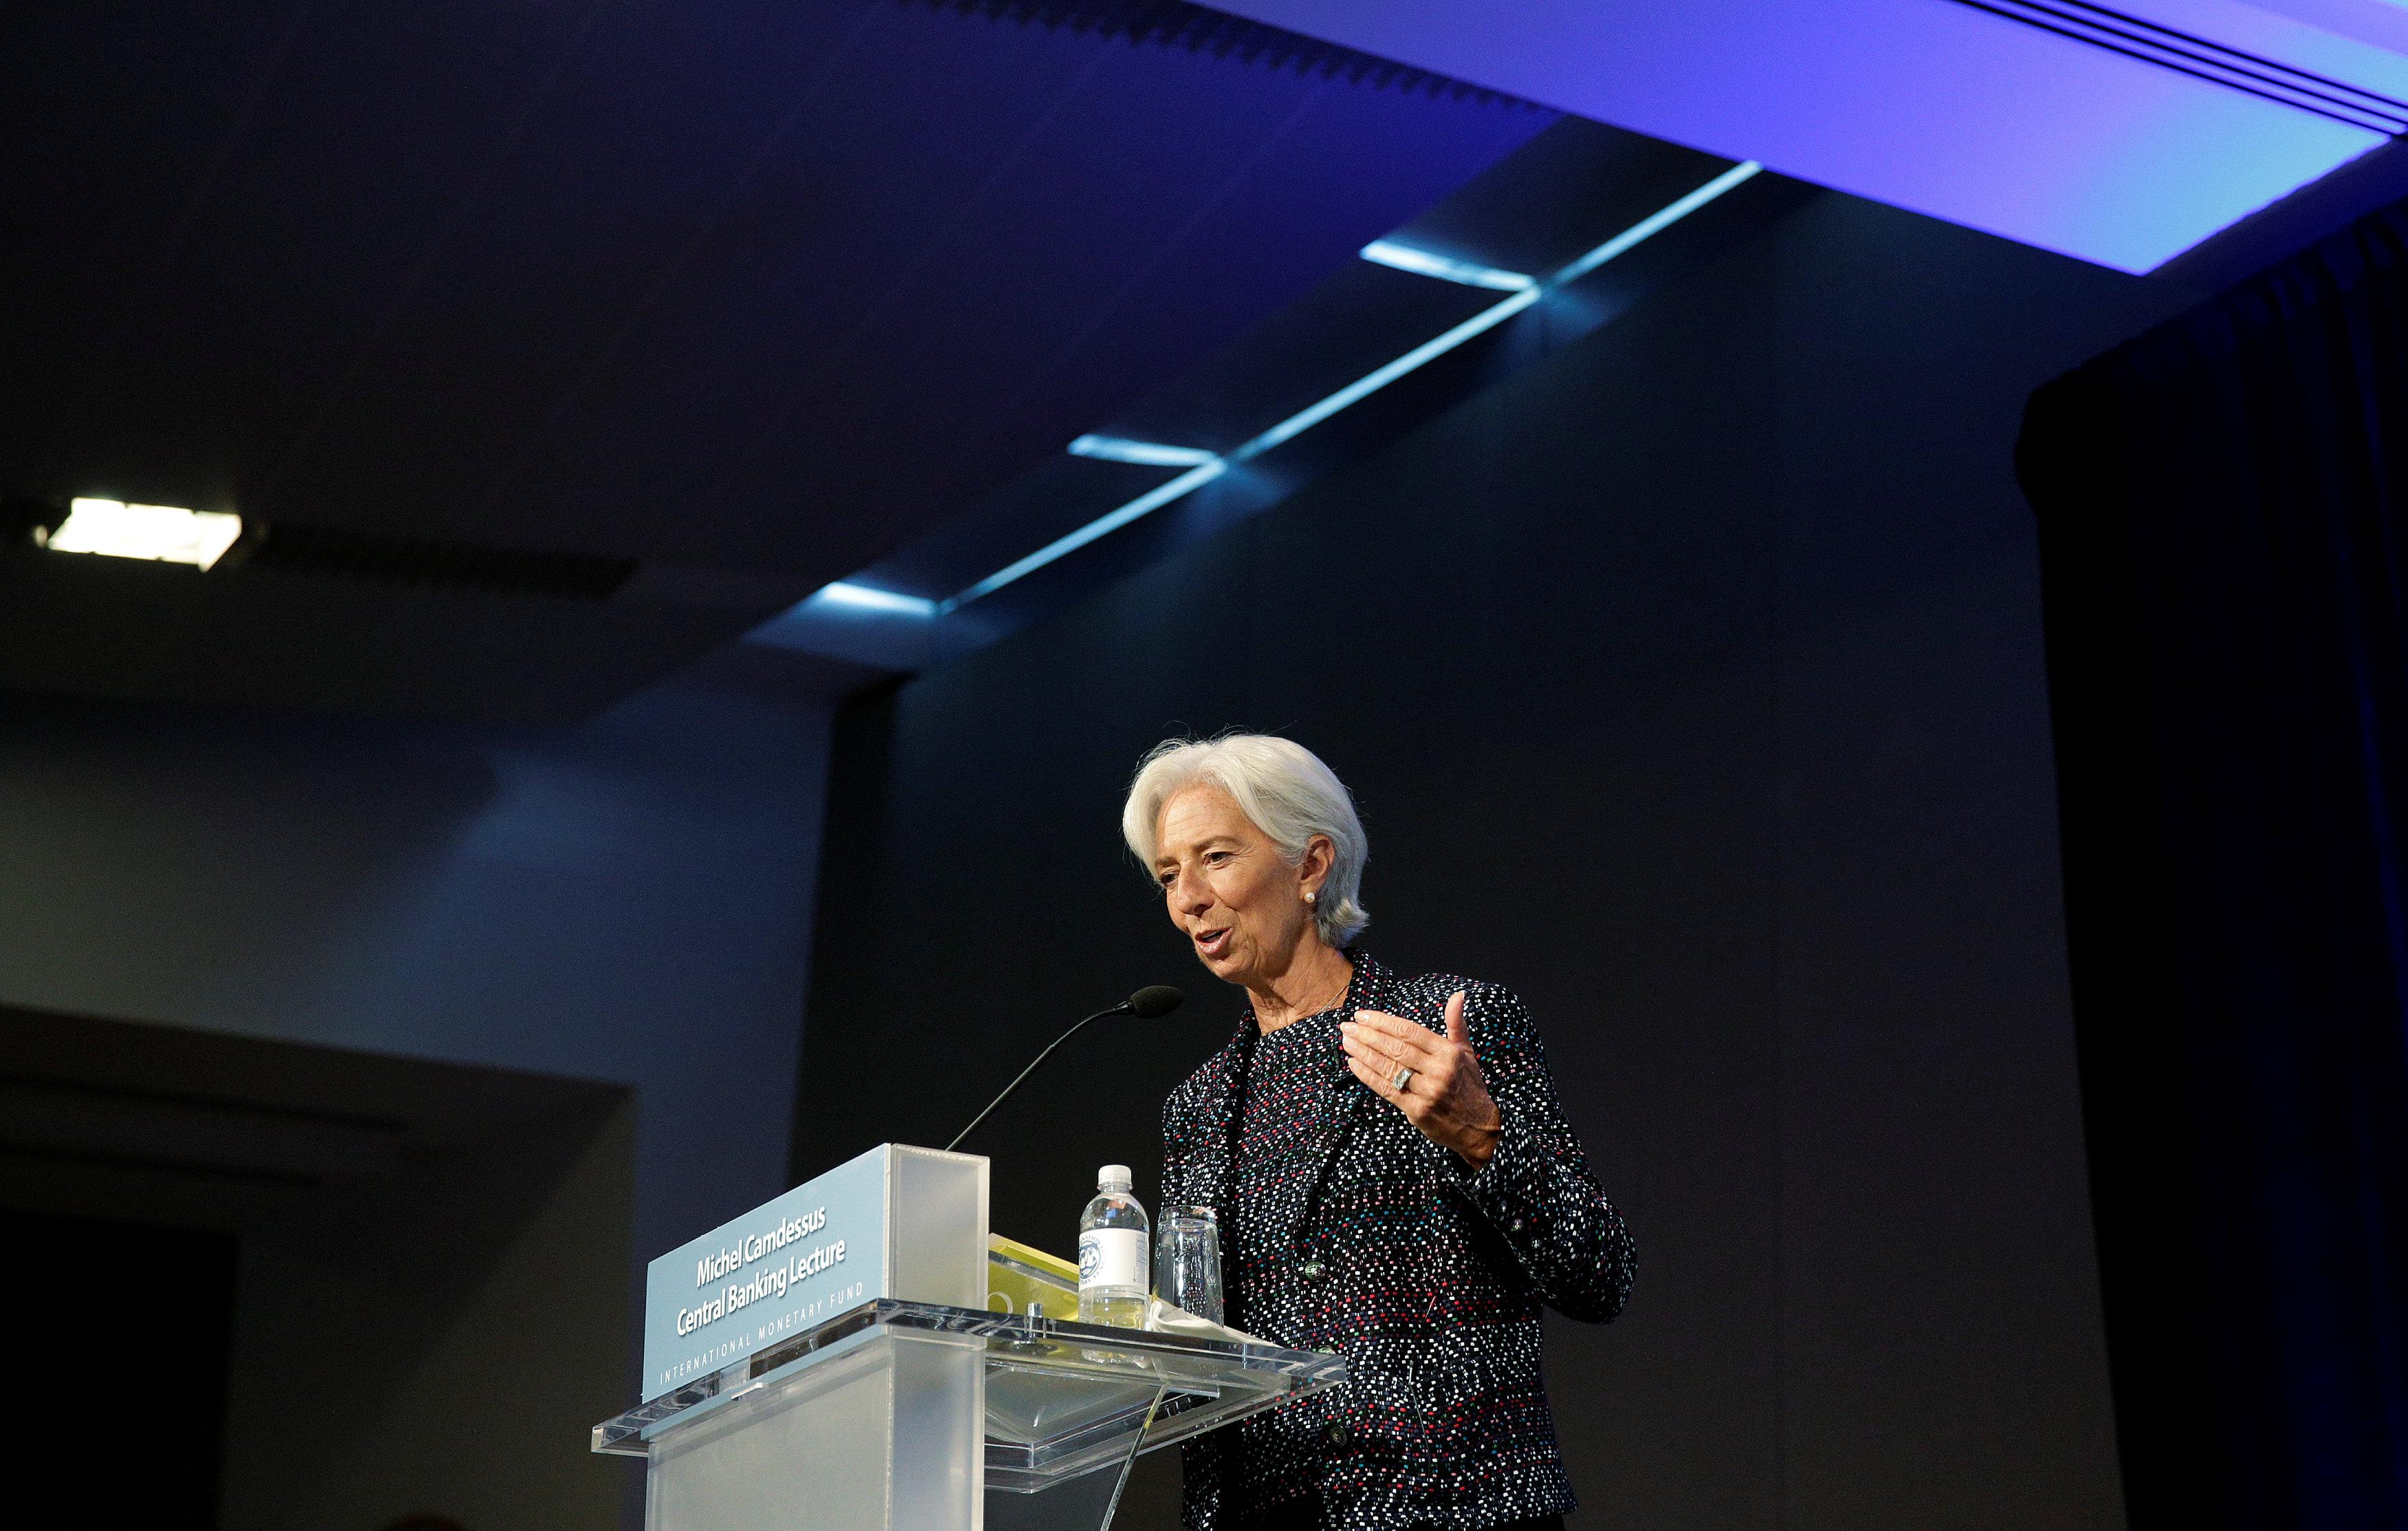 كريستين لجار المديرة العامة لصندوق النقد الدولي